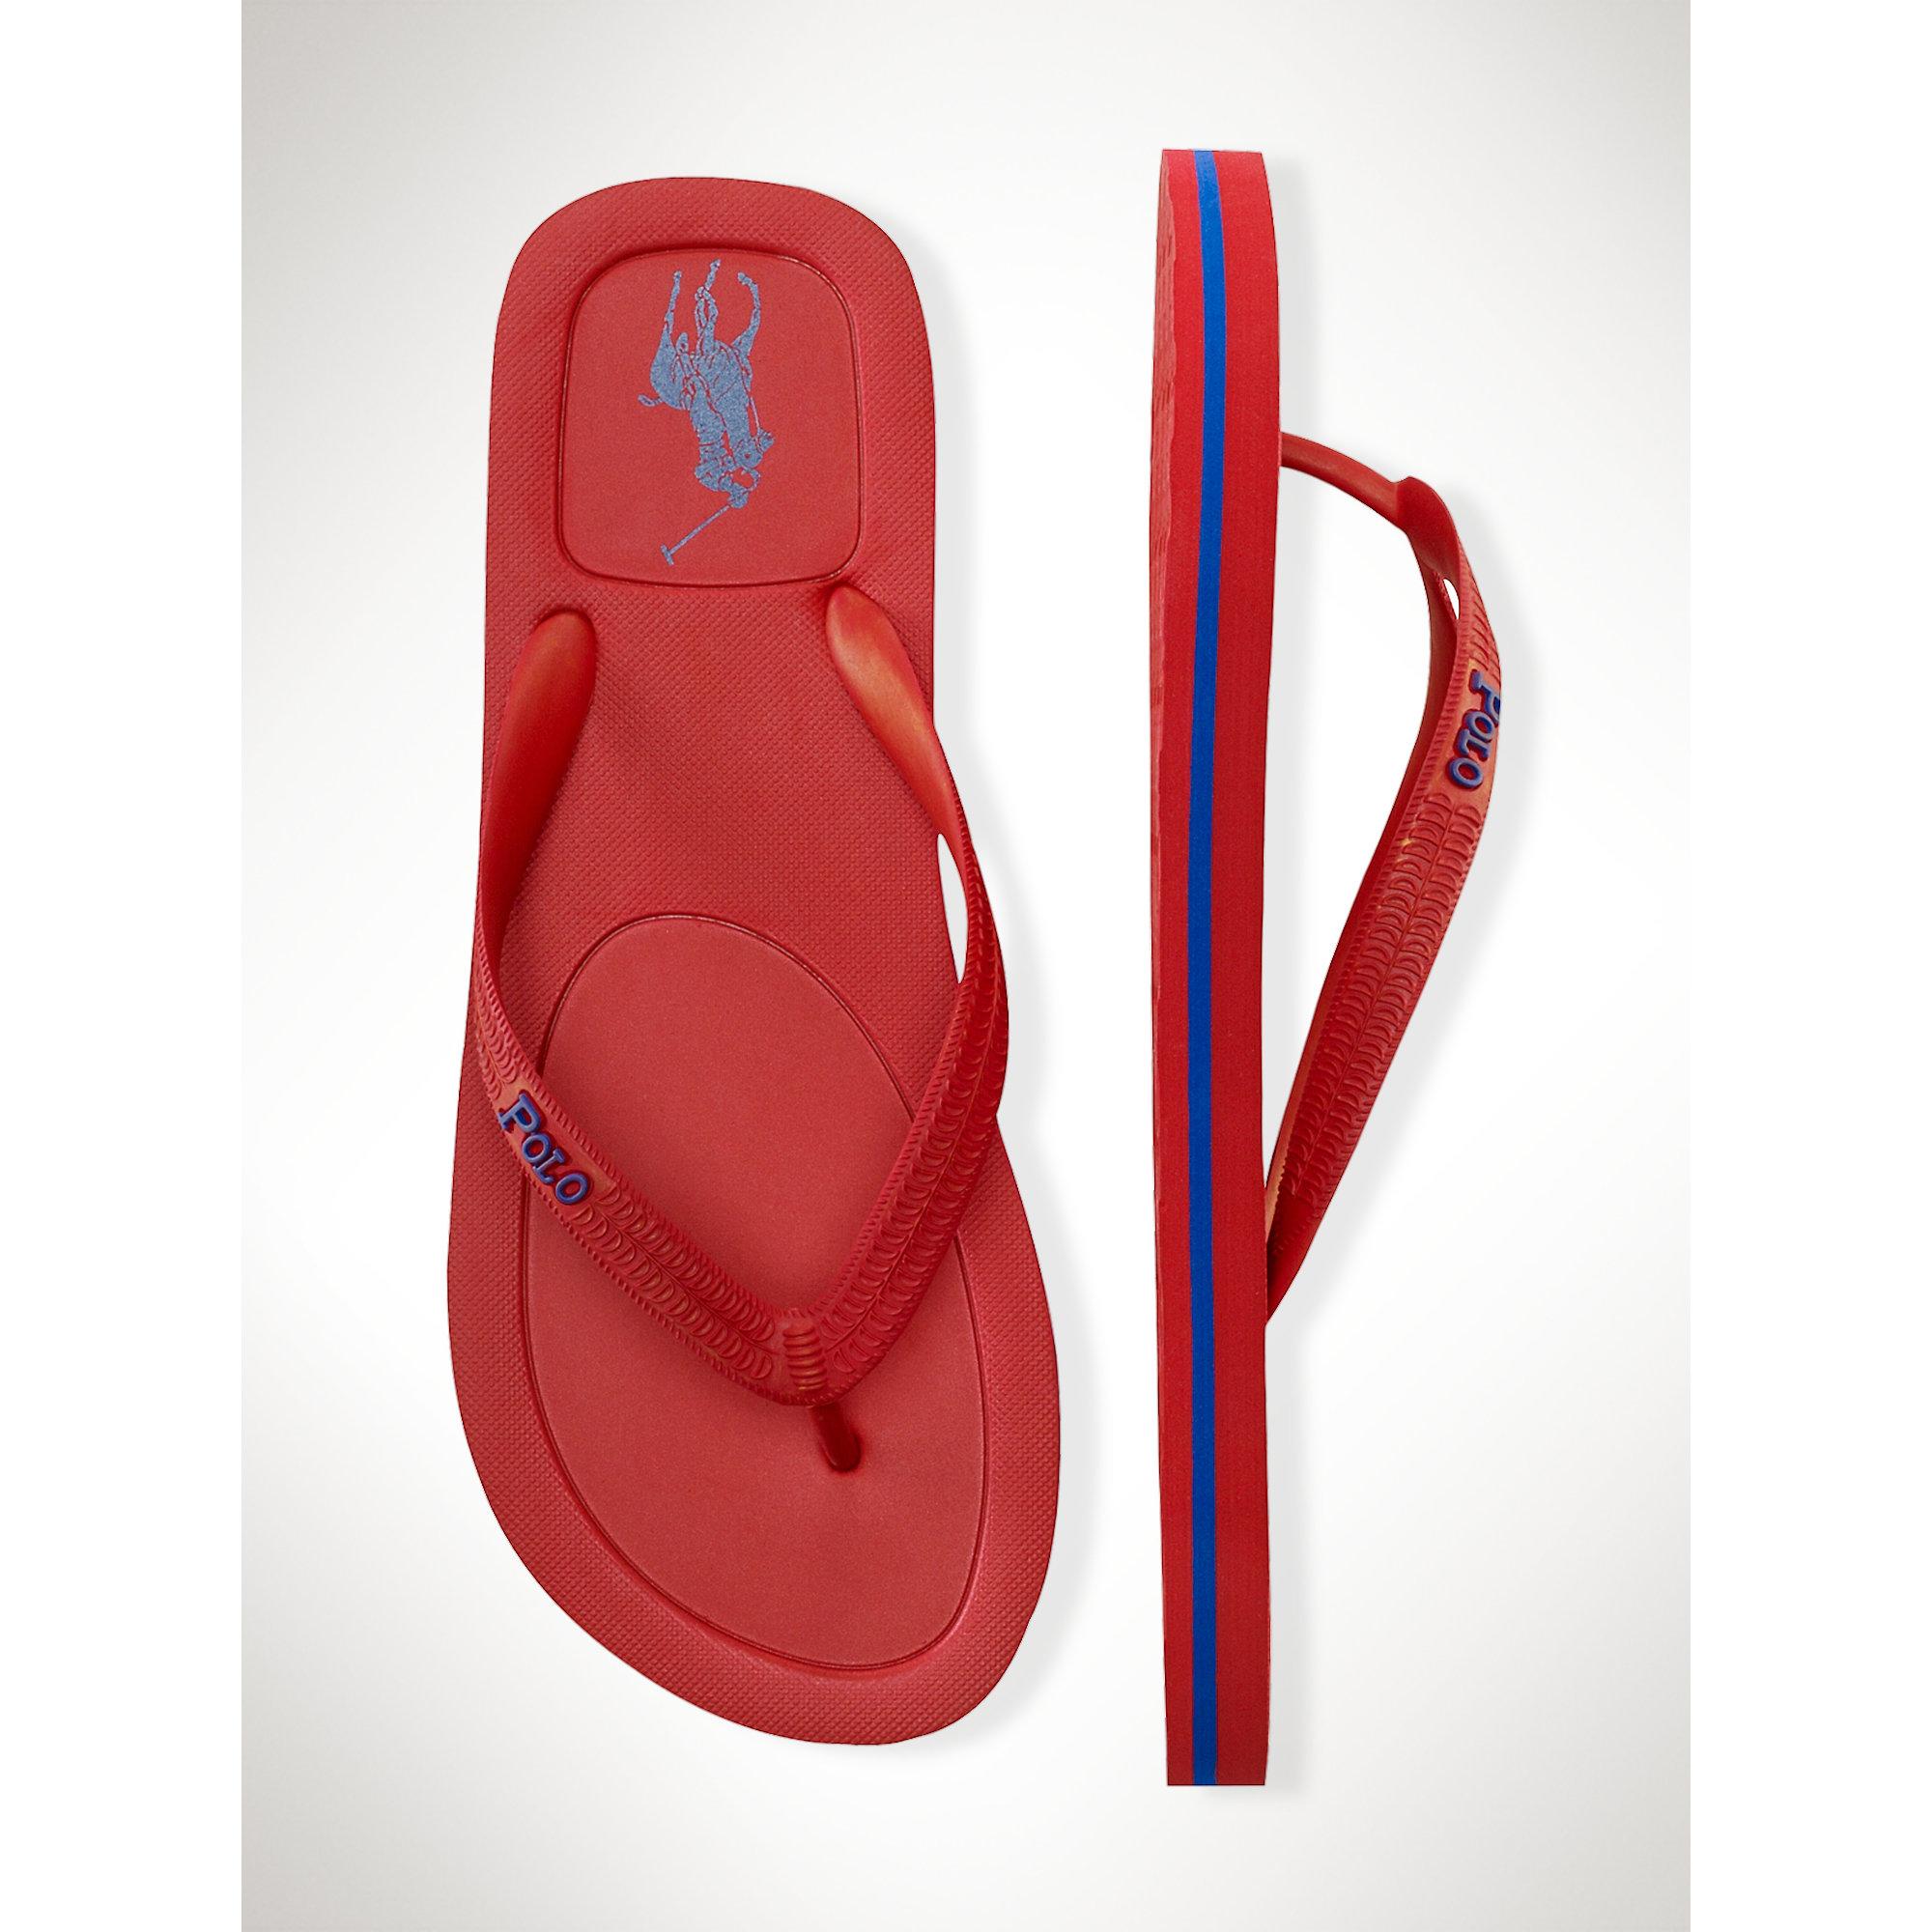 96f4871e8 Lyst - Polo Ralph Lauren Halesowen Flip-flop in Red for Men